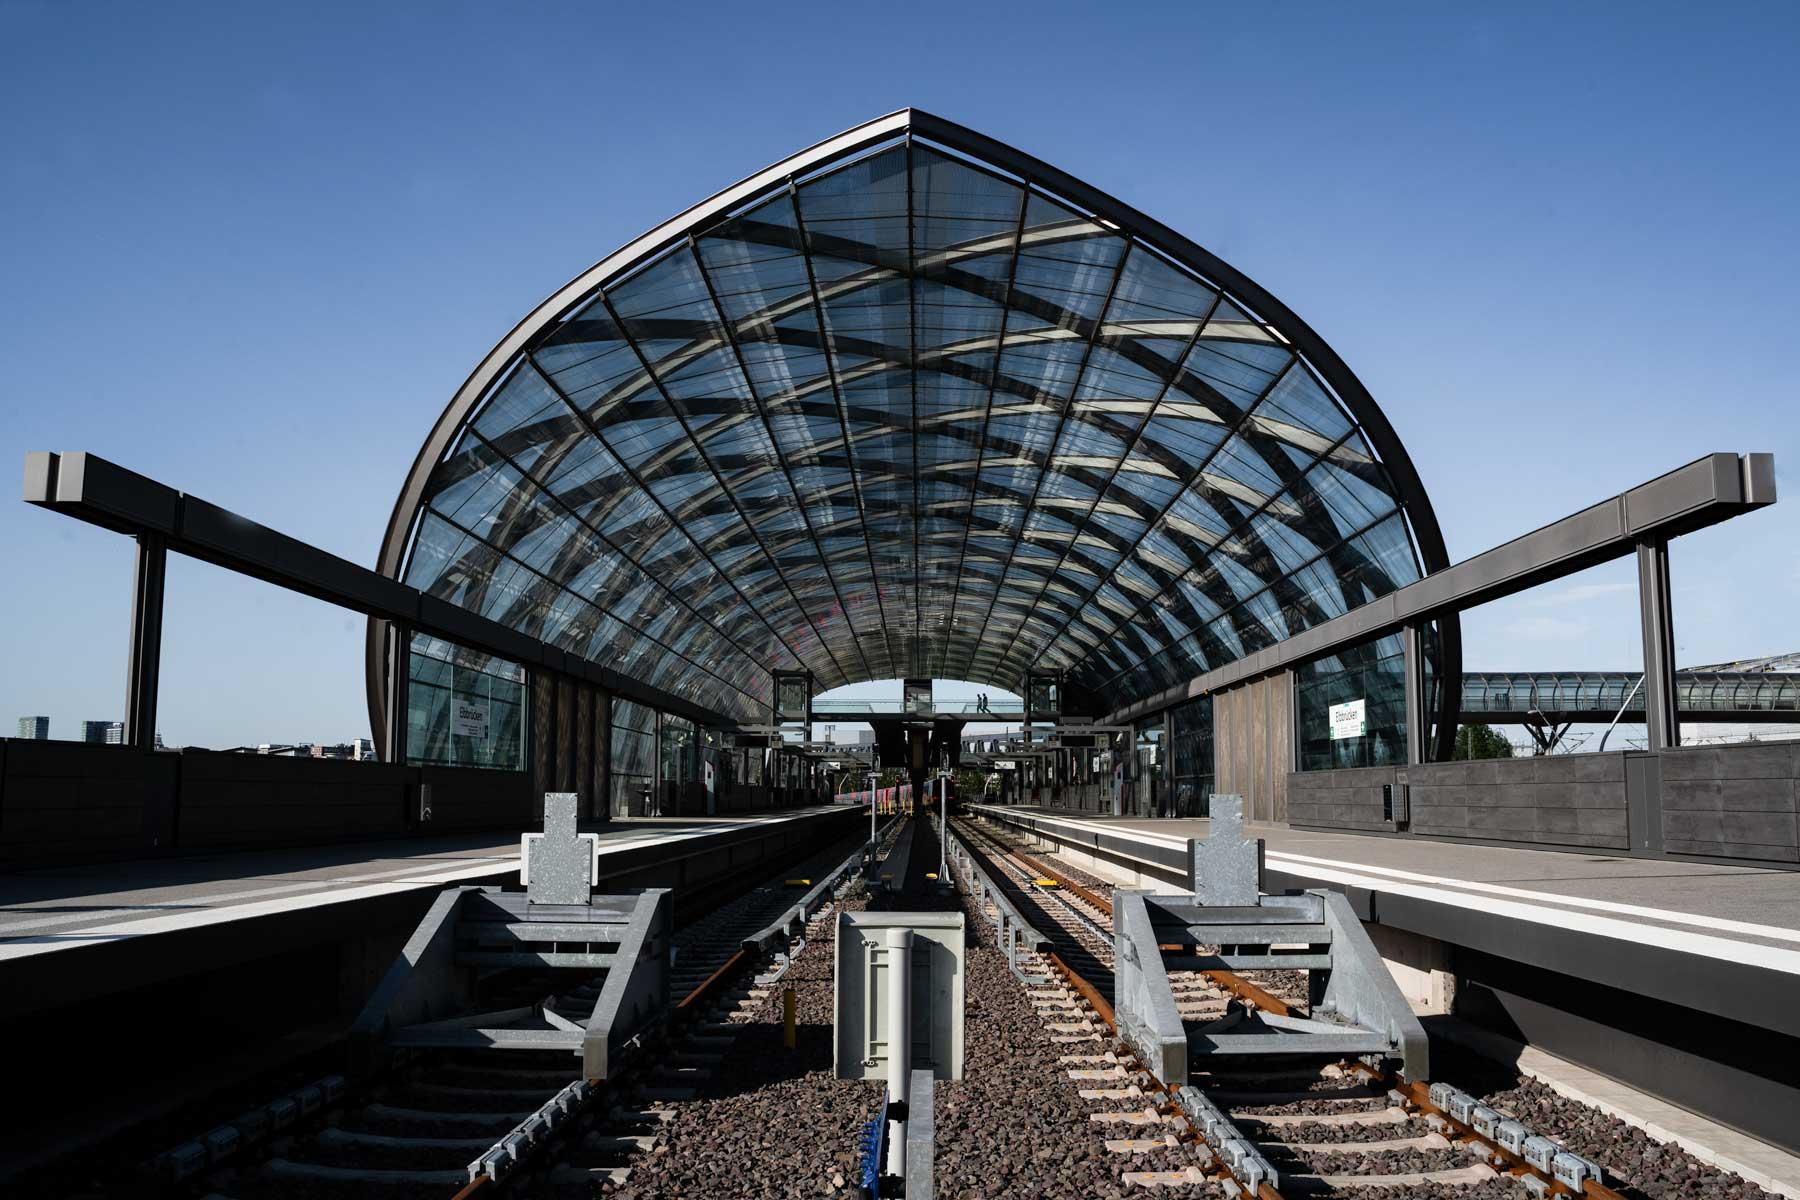 architekturfotografie, architekturfotograf, Architektur, Architekturfotografie, Hamburg, Berlin, Iris König, hamburg, u elbbrücken